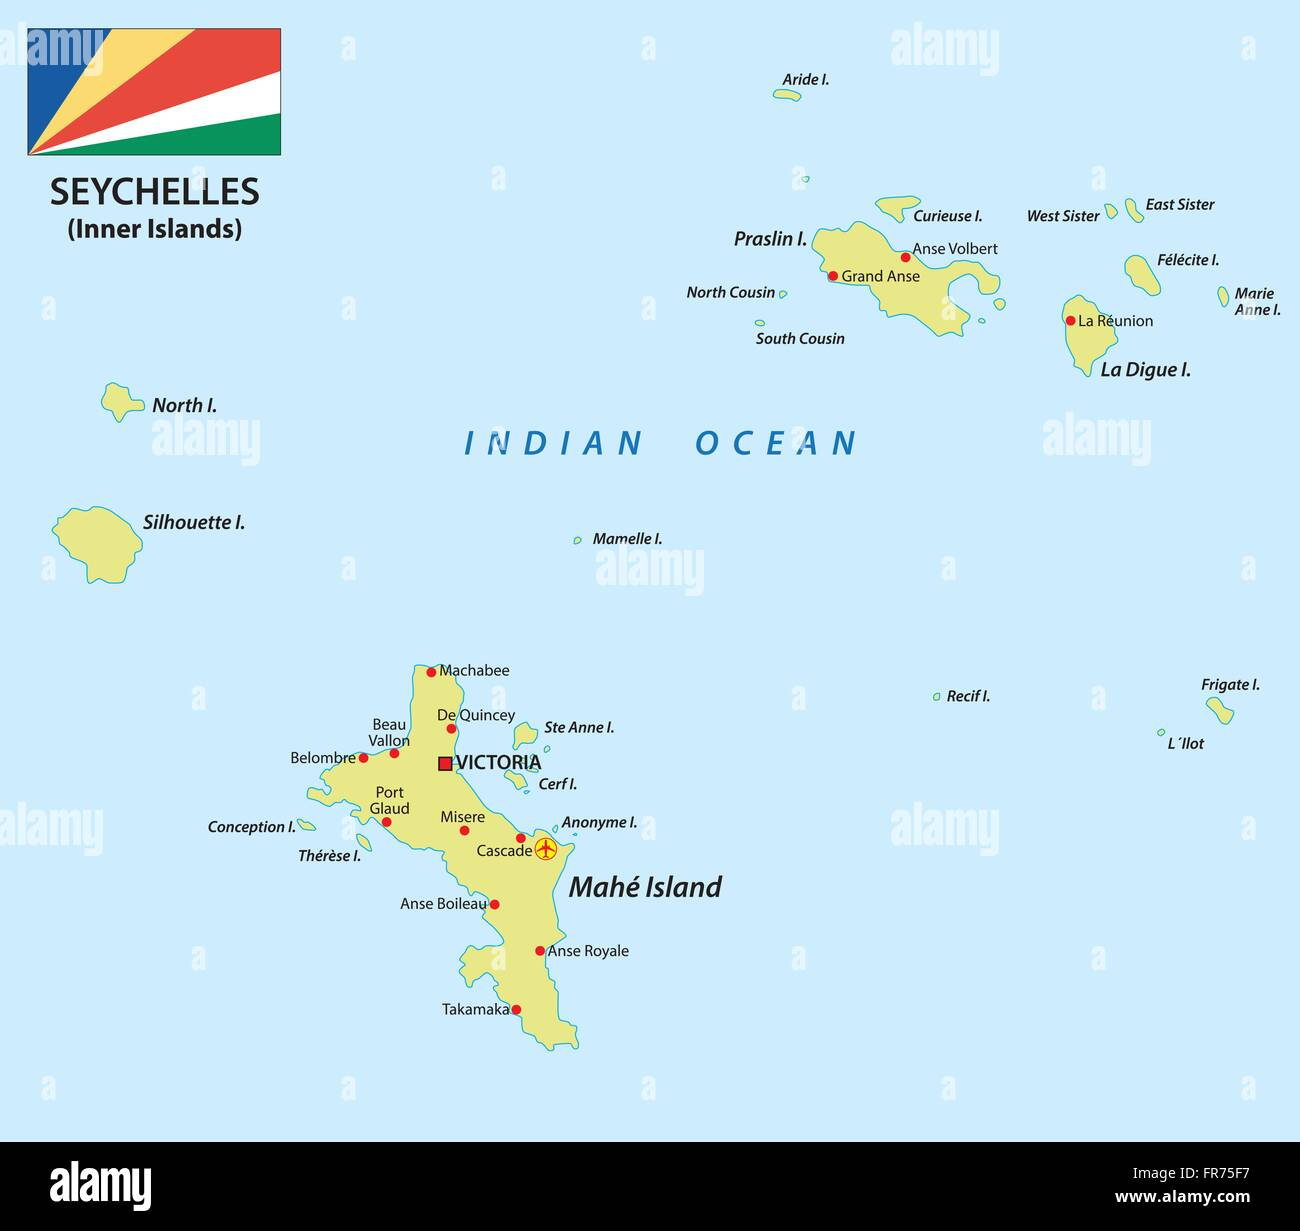 Karte Seychellen.Seychelles Map Stock Photos Seychelles Map Stock Images